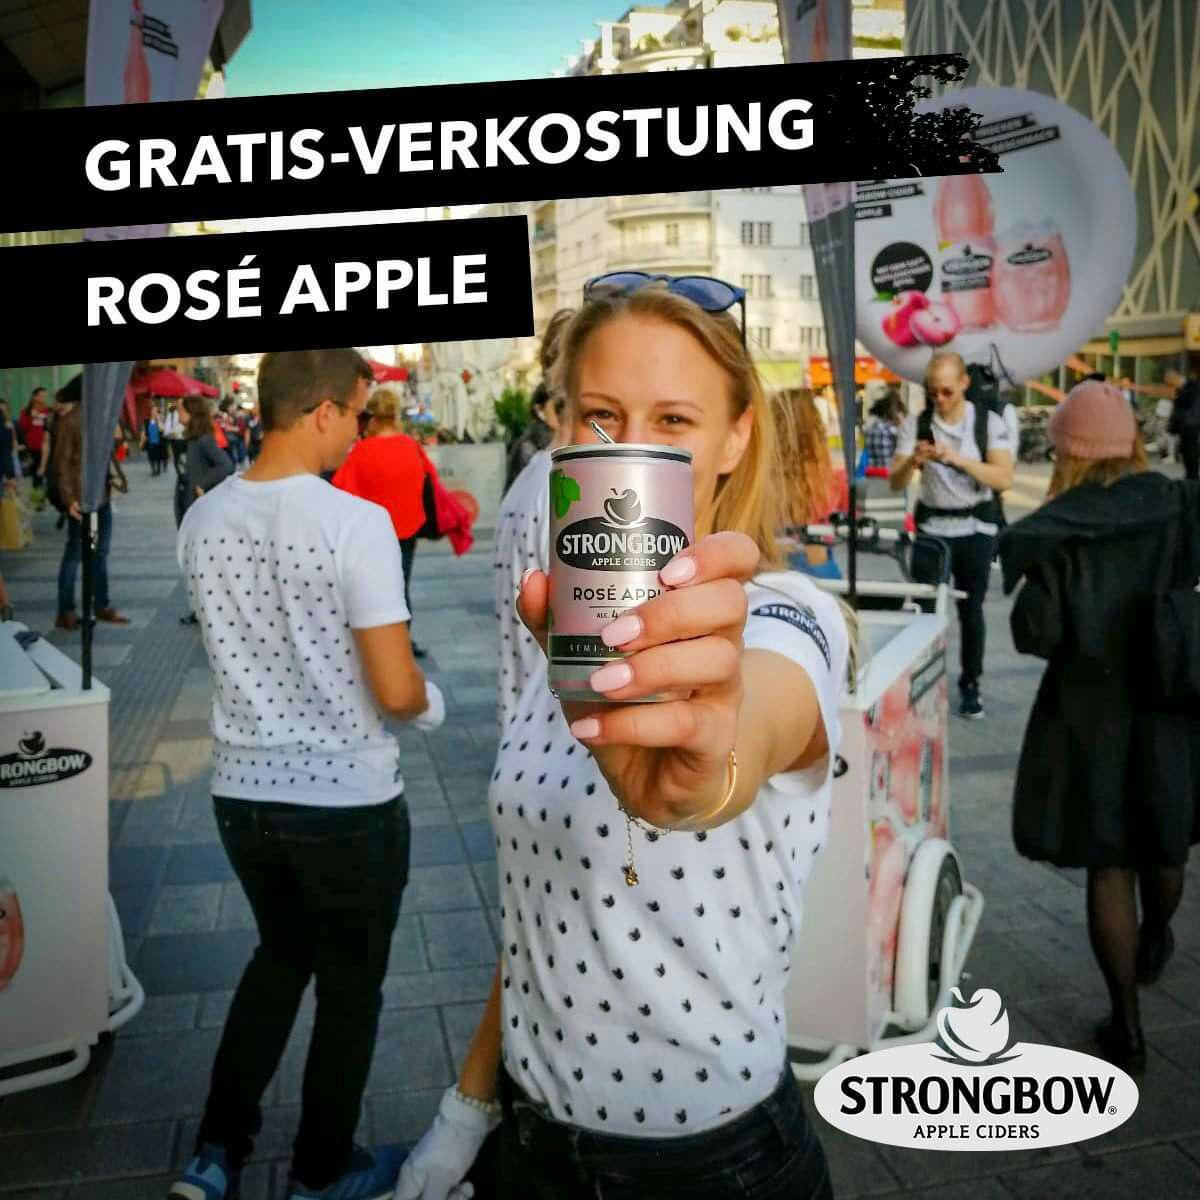 Strongbow Rosé Apple kostenlose Verkostung - Orte und Termine im Deal